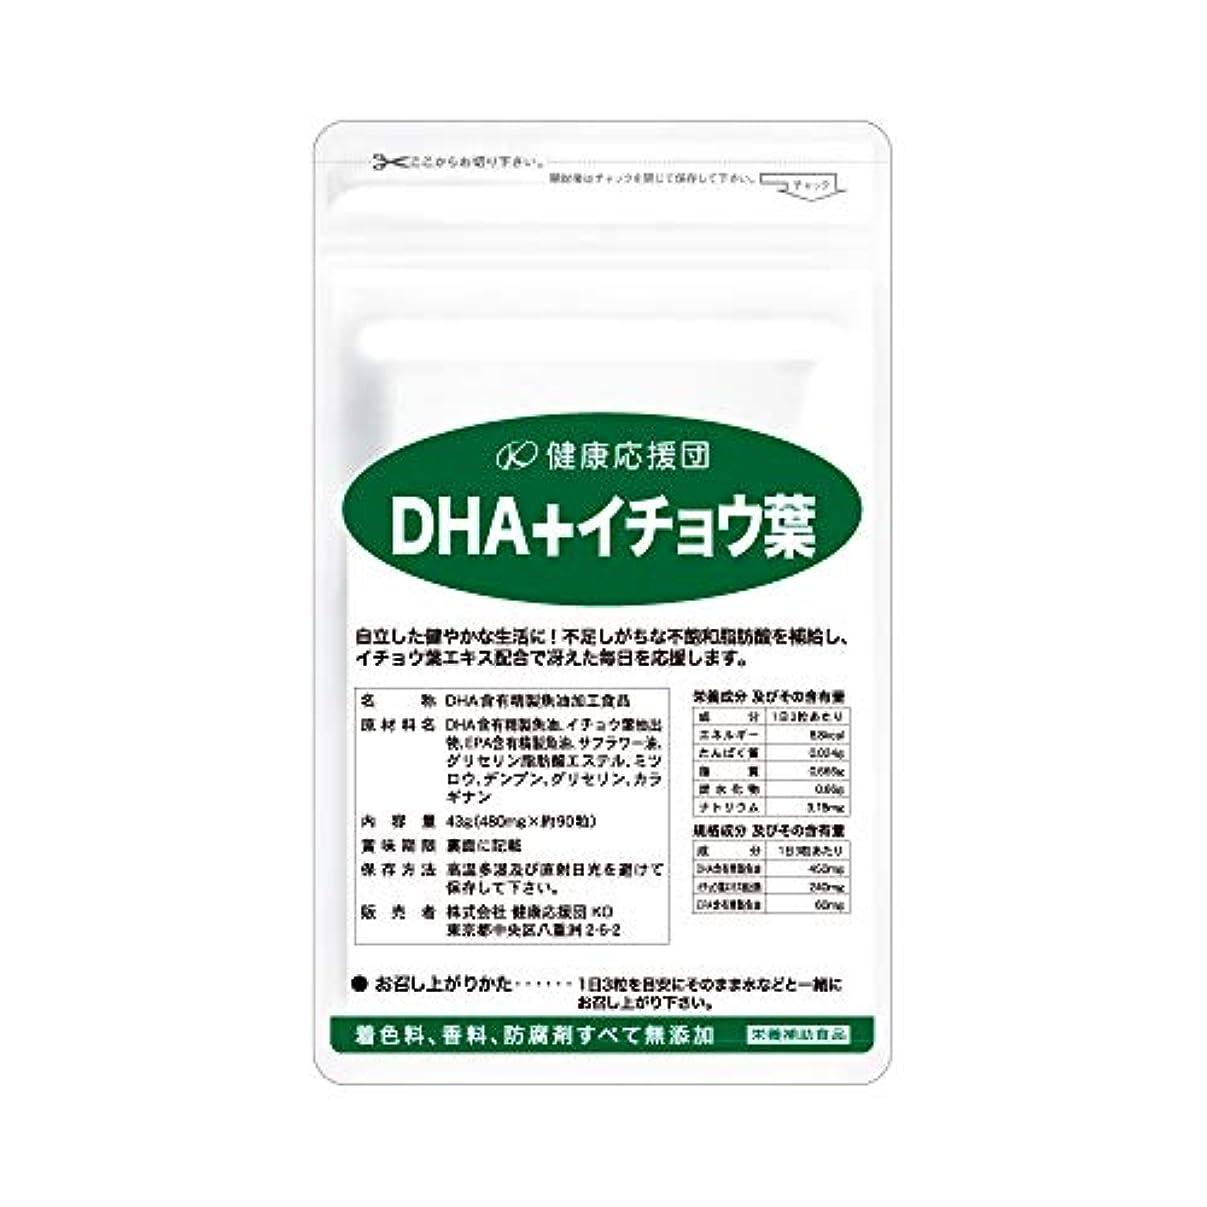 レギュラー邪魔乱れ30日分 DHA+イチョウ葉 (90粒) 植物ソフトカプセル